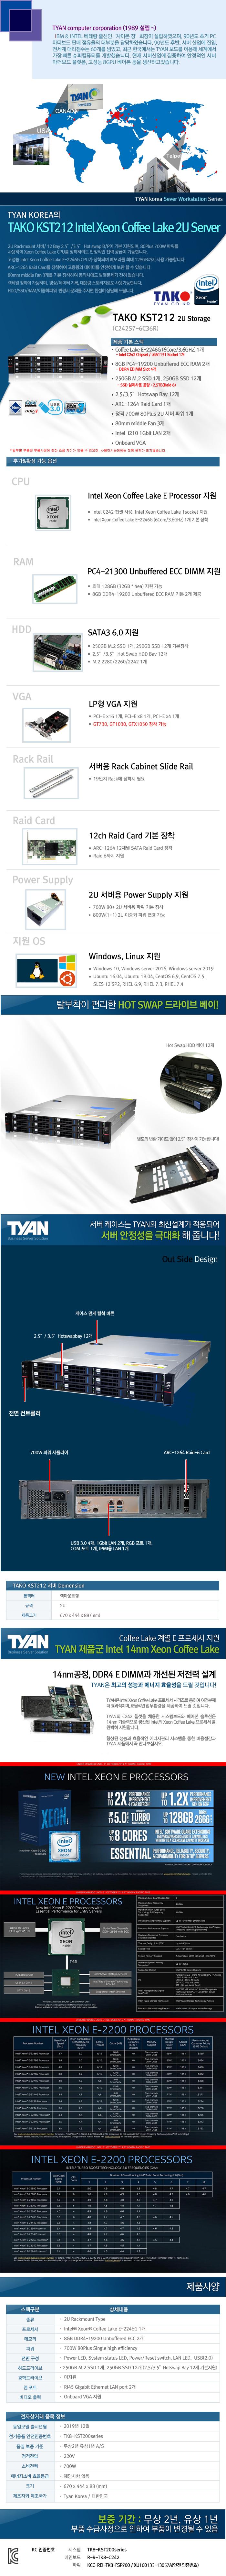 TYAN TAKO-KST212-(C242S7-6C36R) (16GB, M2 250GB + SSD 2.5TB)